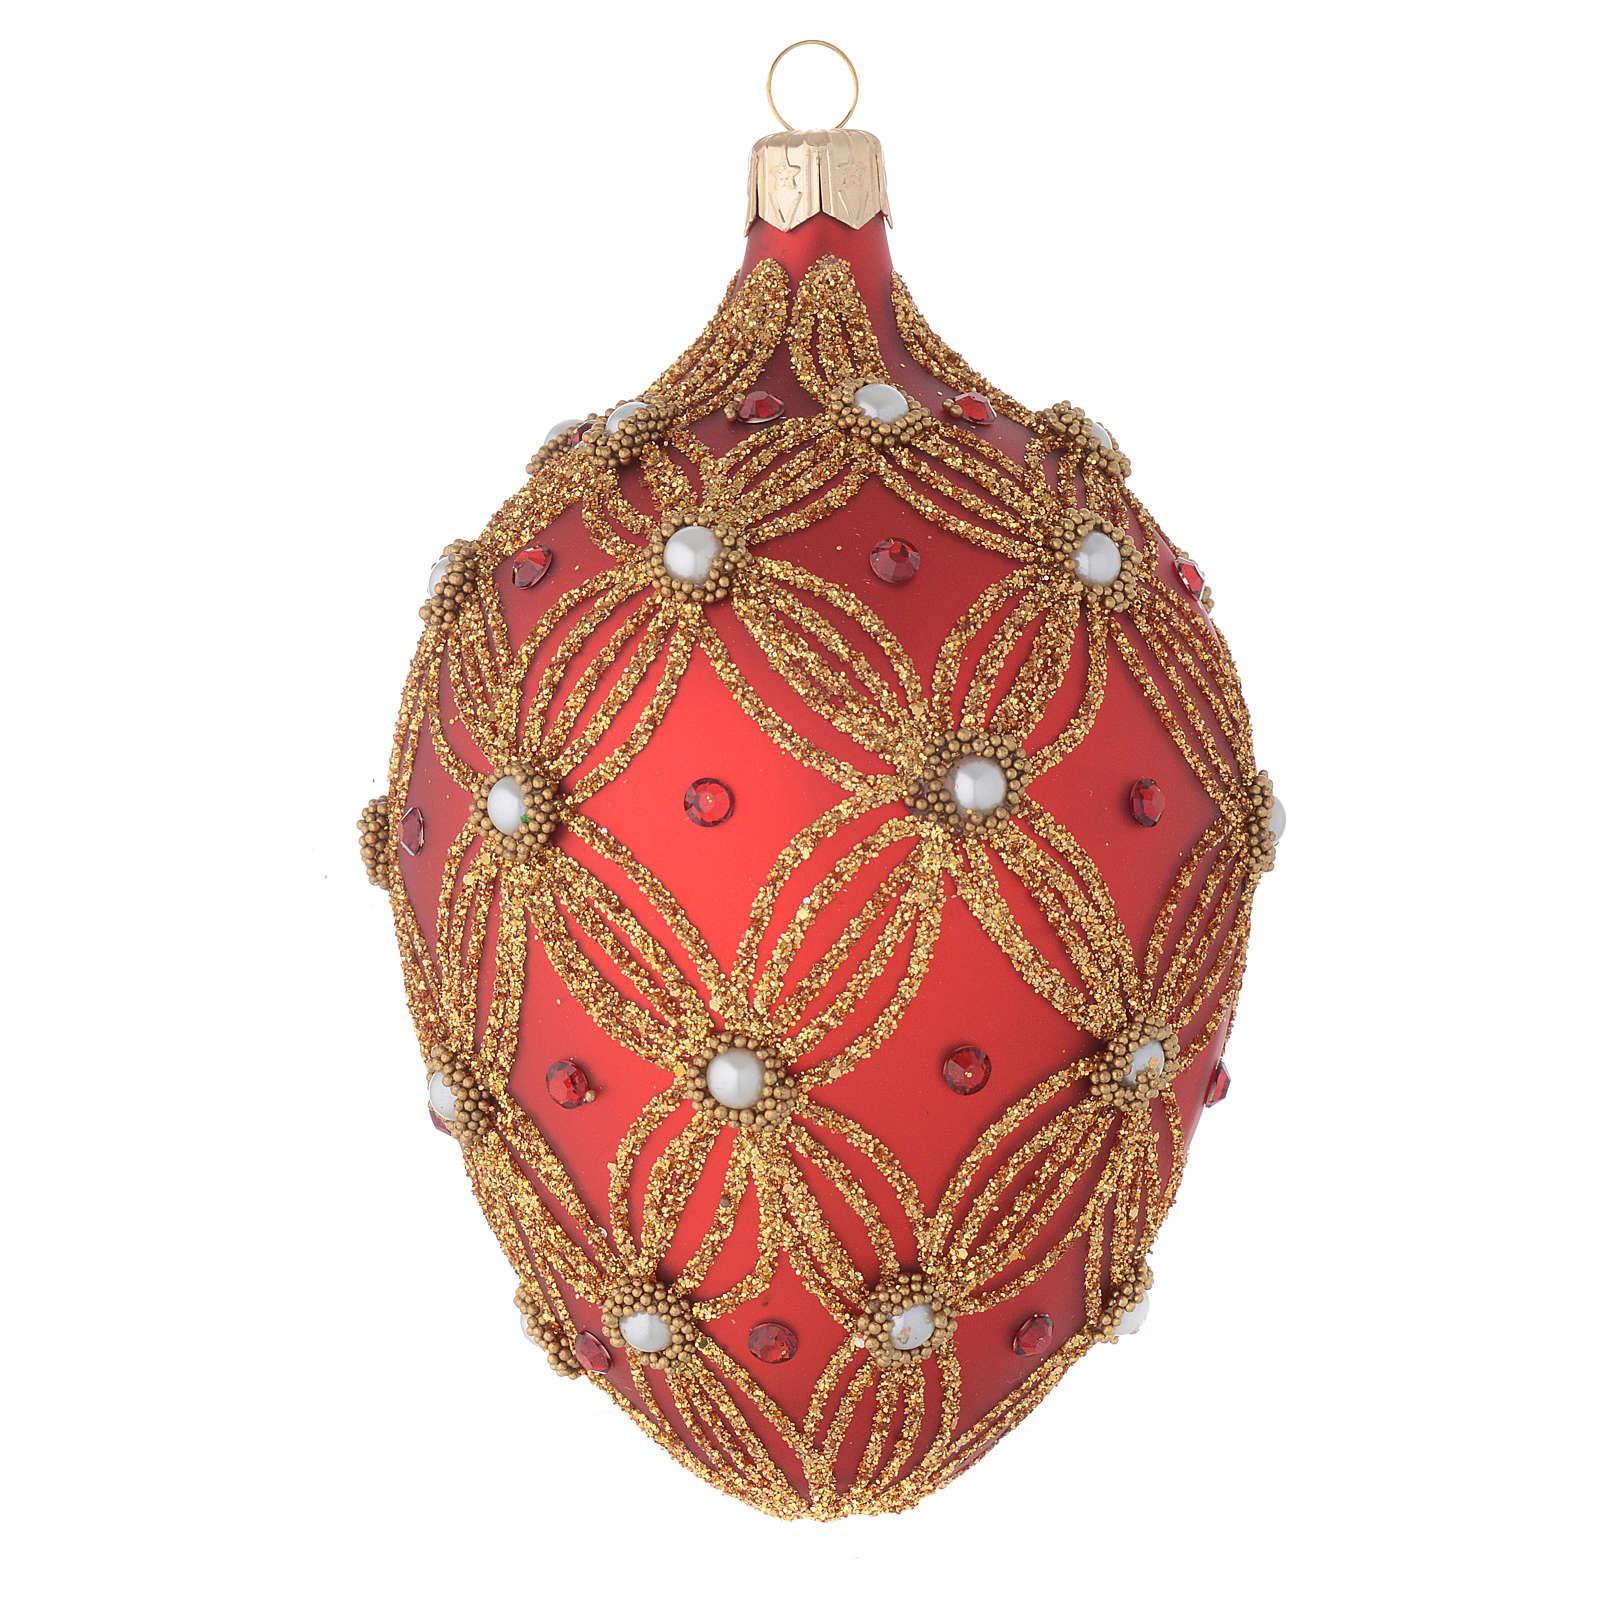 Palla uovo vetro rosso perle e decori oro 130 mm 4